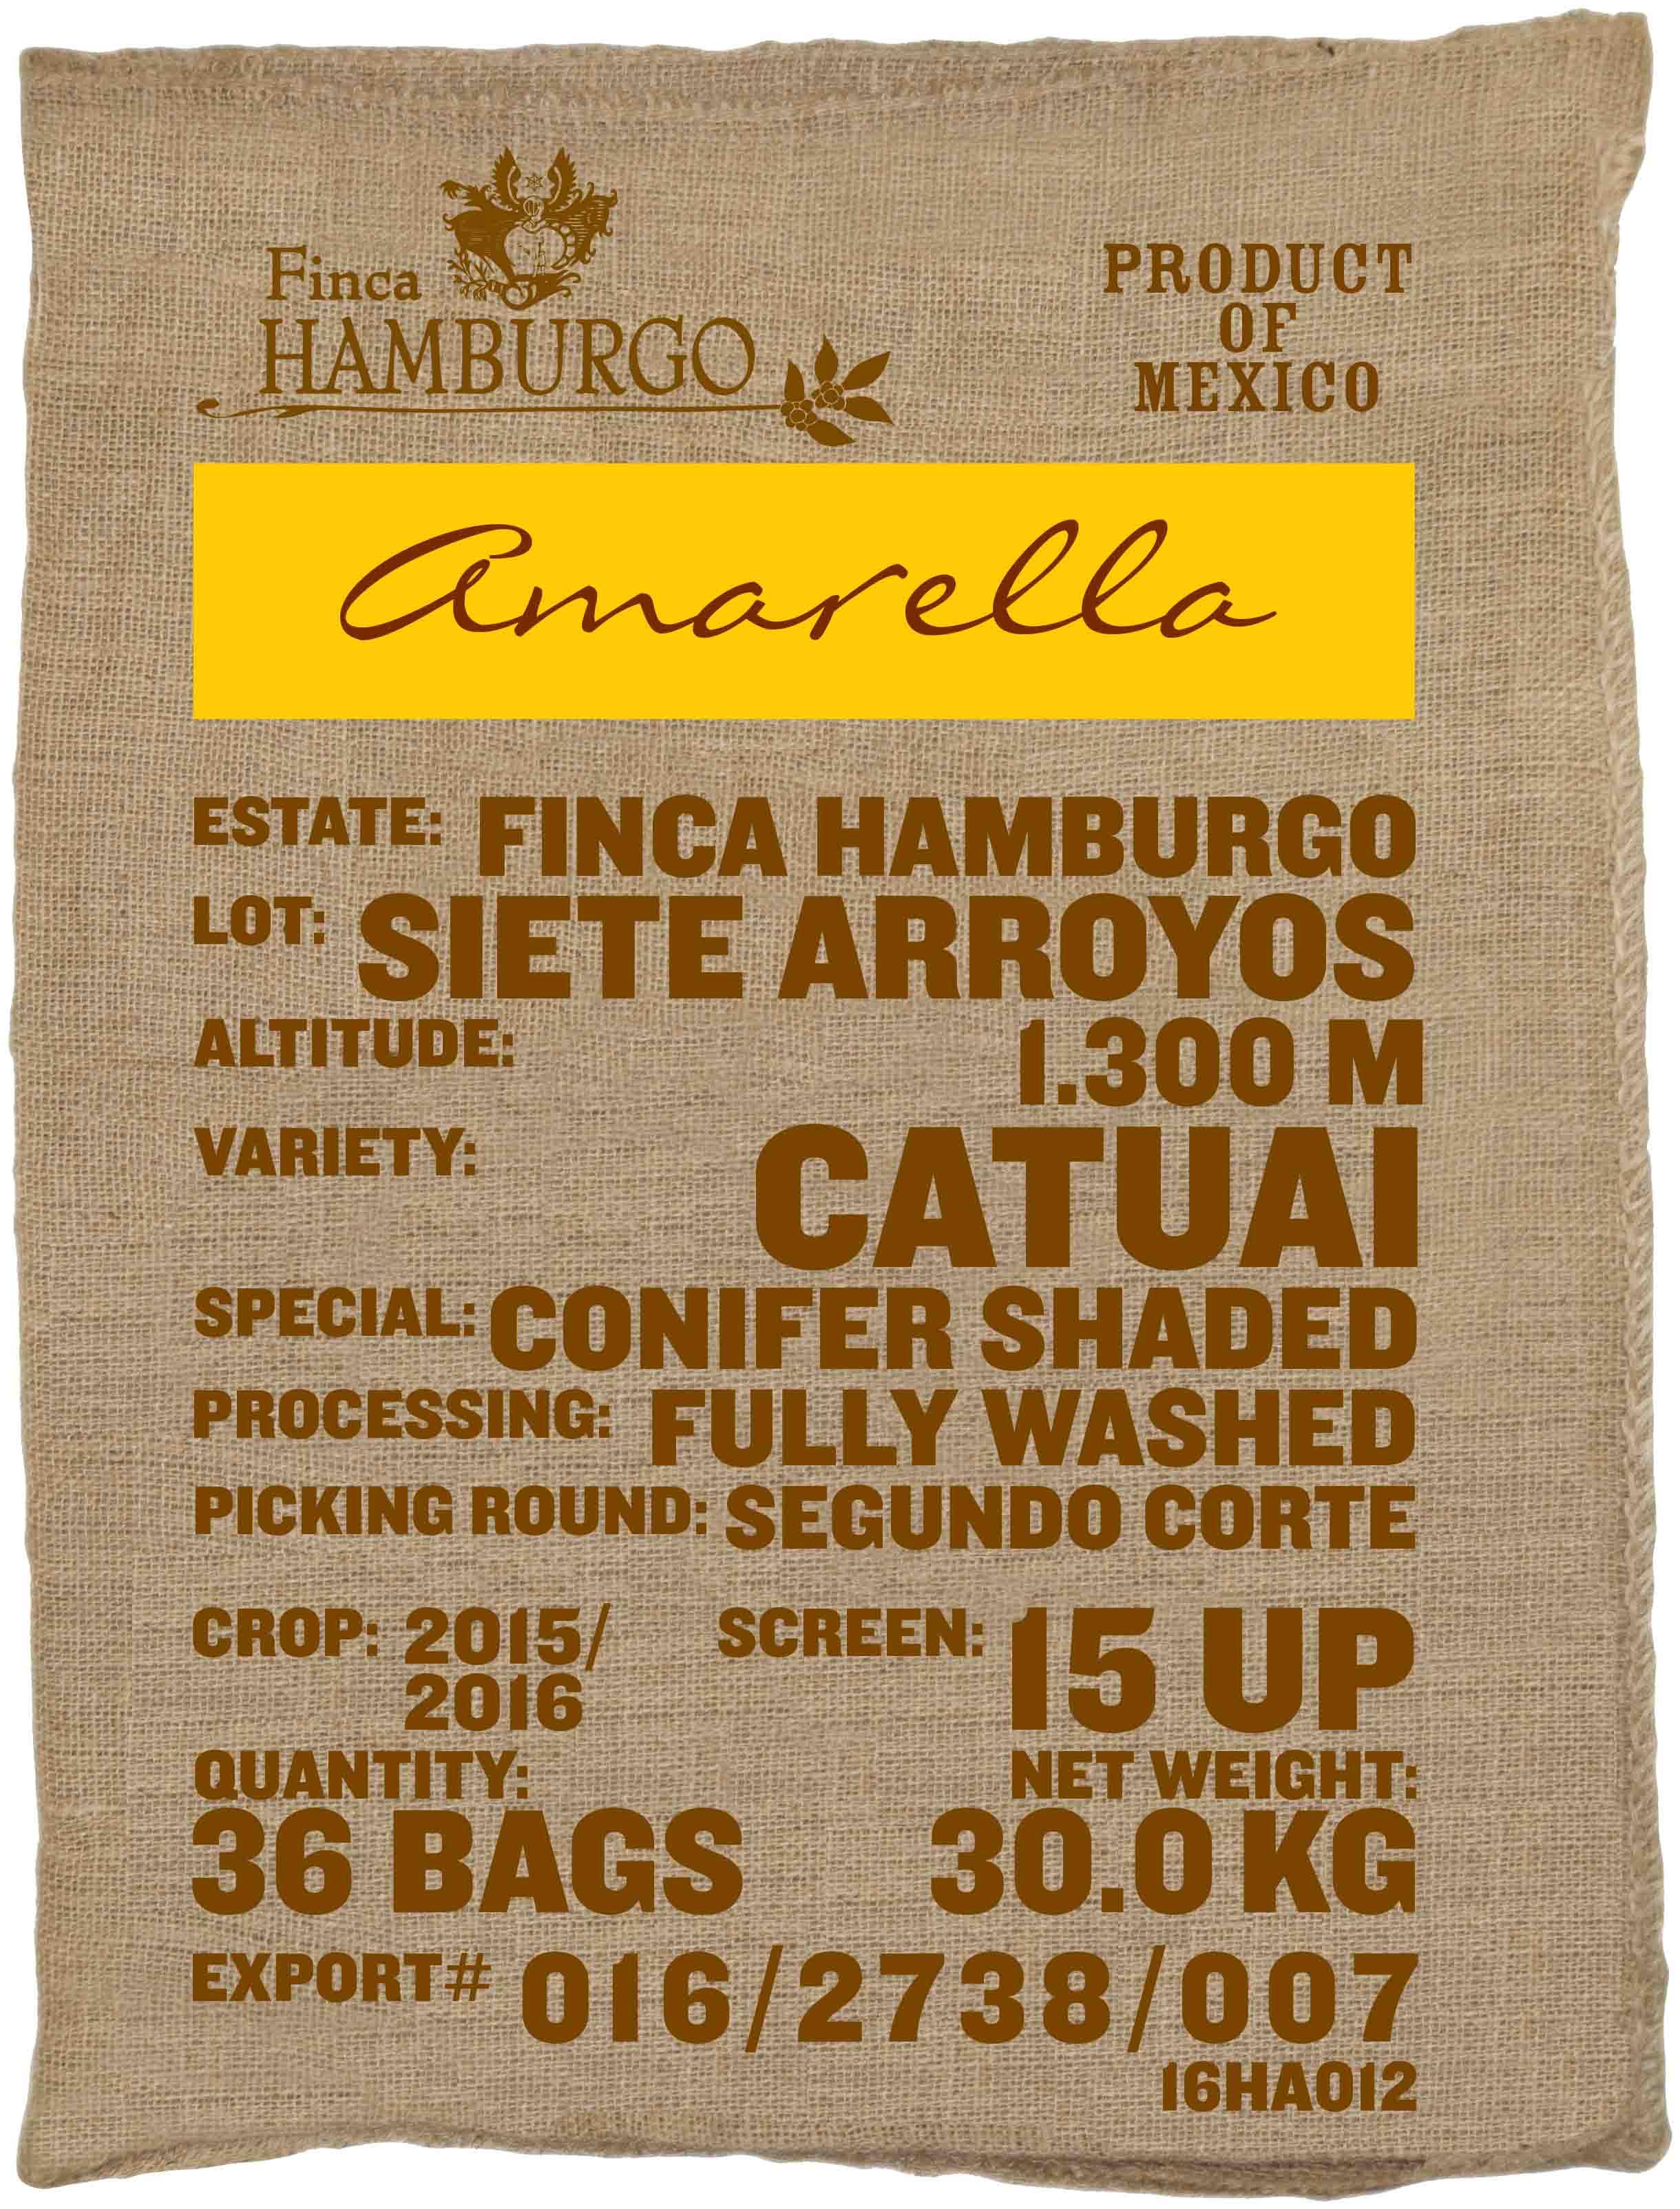 Ein Rohkaffeesack amarella Parzellenkaffee Varietät Catuai. Finca Hamburgo Siete Arroyos.